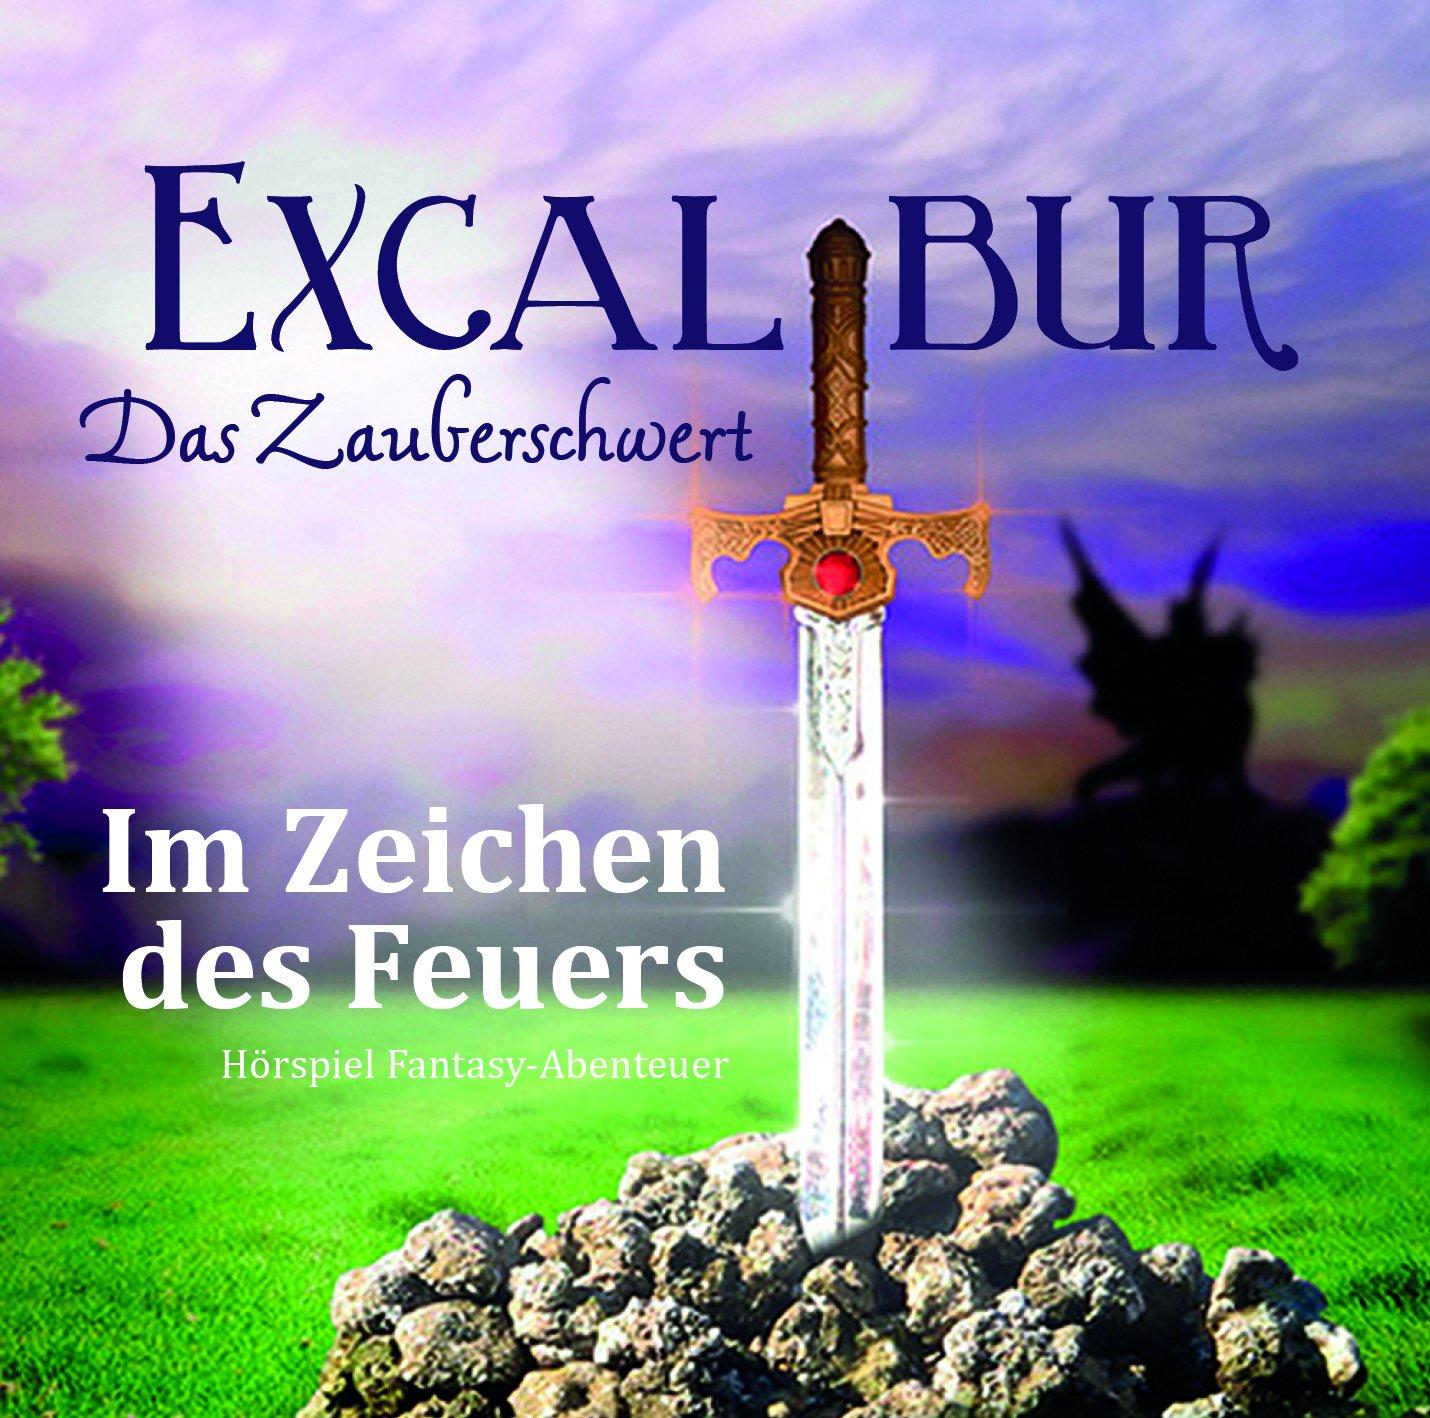 Excalibur - Das Zauberschwert (2) Im Zeichen des Feuers - junior 1988 / Sj Entertainment 2015